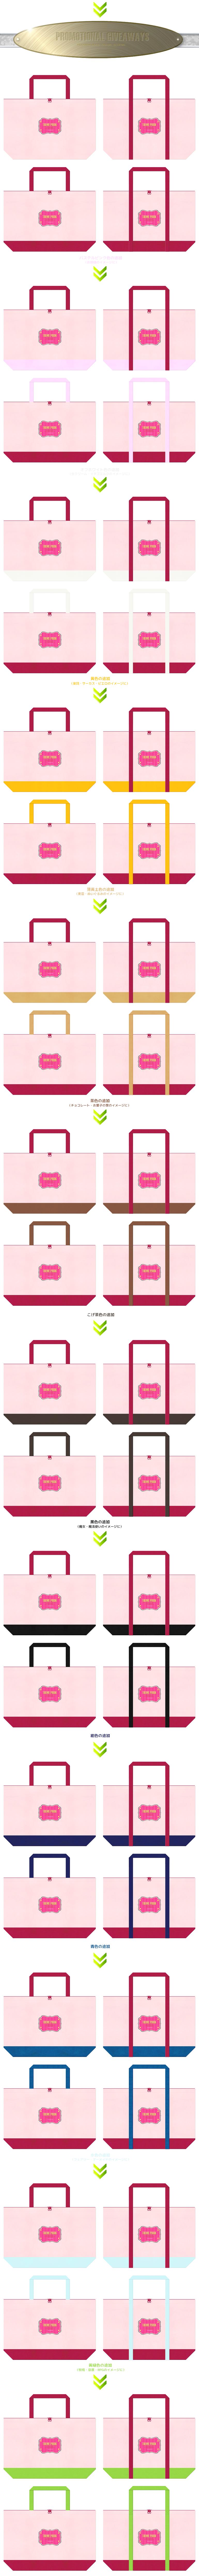 桜色と濃いピンク色をメインに使用した不織布バッグのカラーシミュレーション(絵本・おとぎ話・テーマパーク):キッズイベント・テーマパーク・アミューズメントのノベルティ